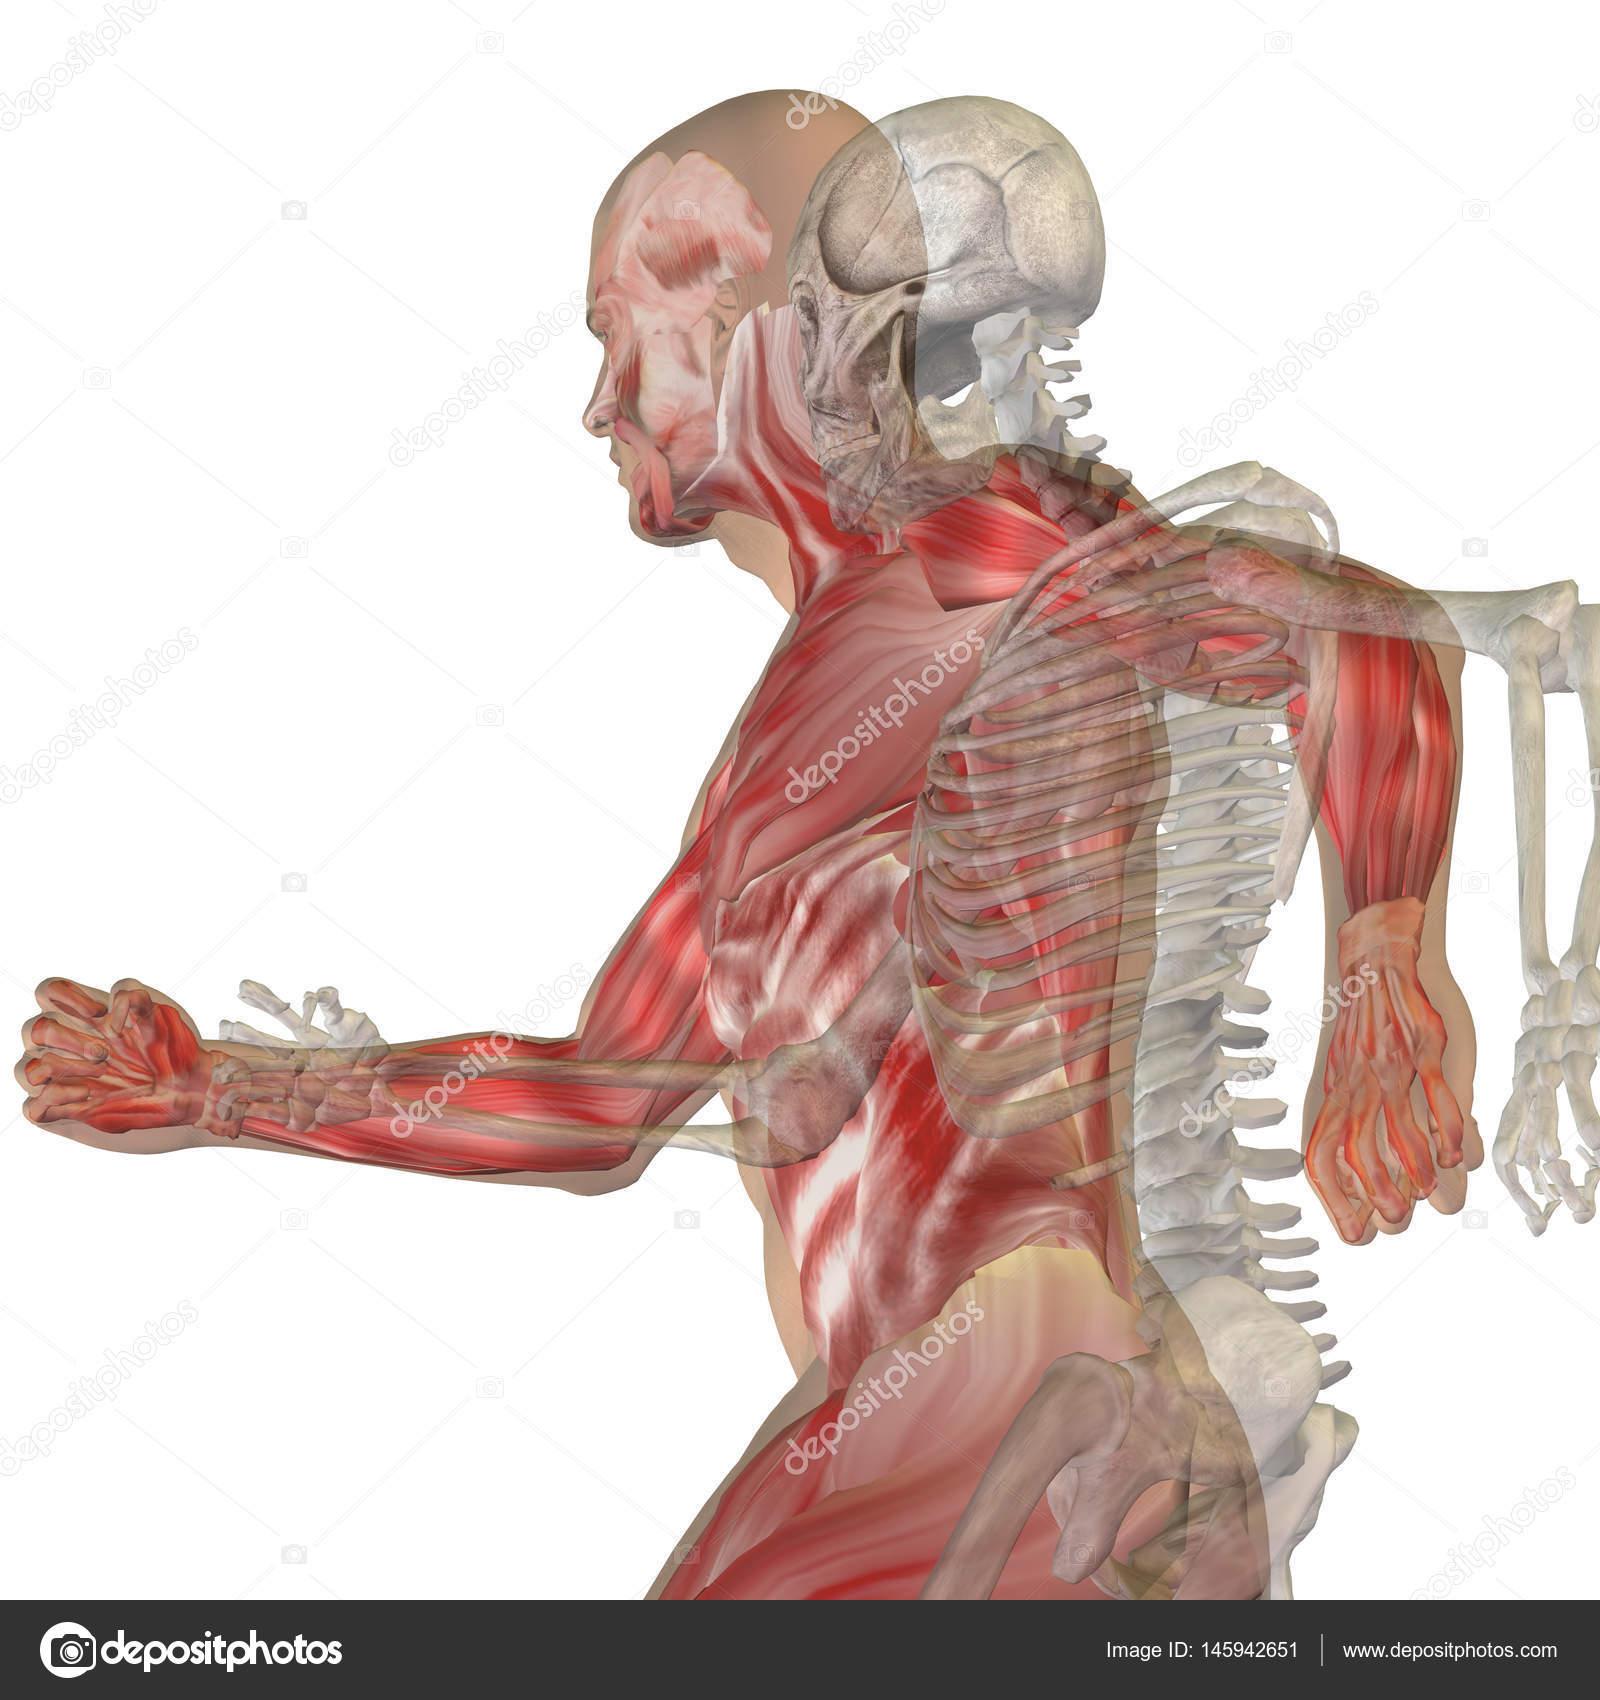 menschliche Anatomie Modell — Stockfoto © design36 #145942651